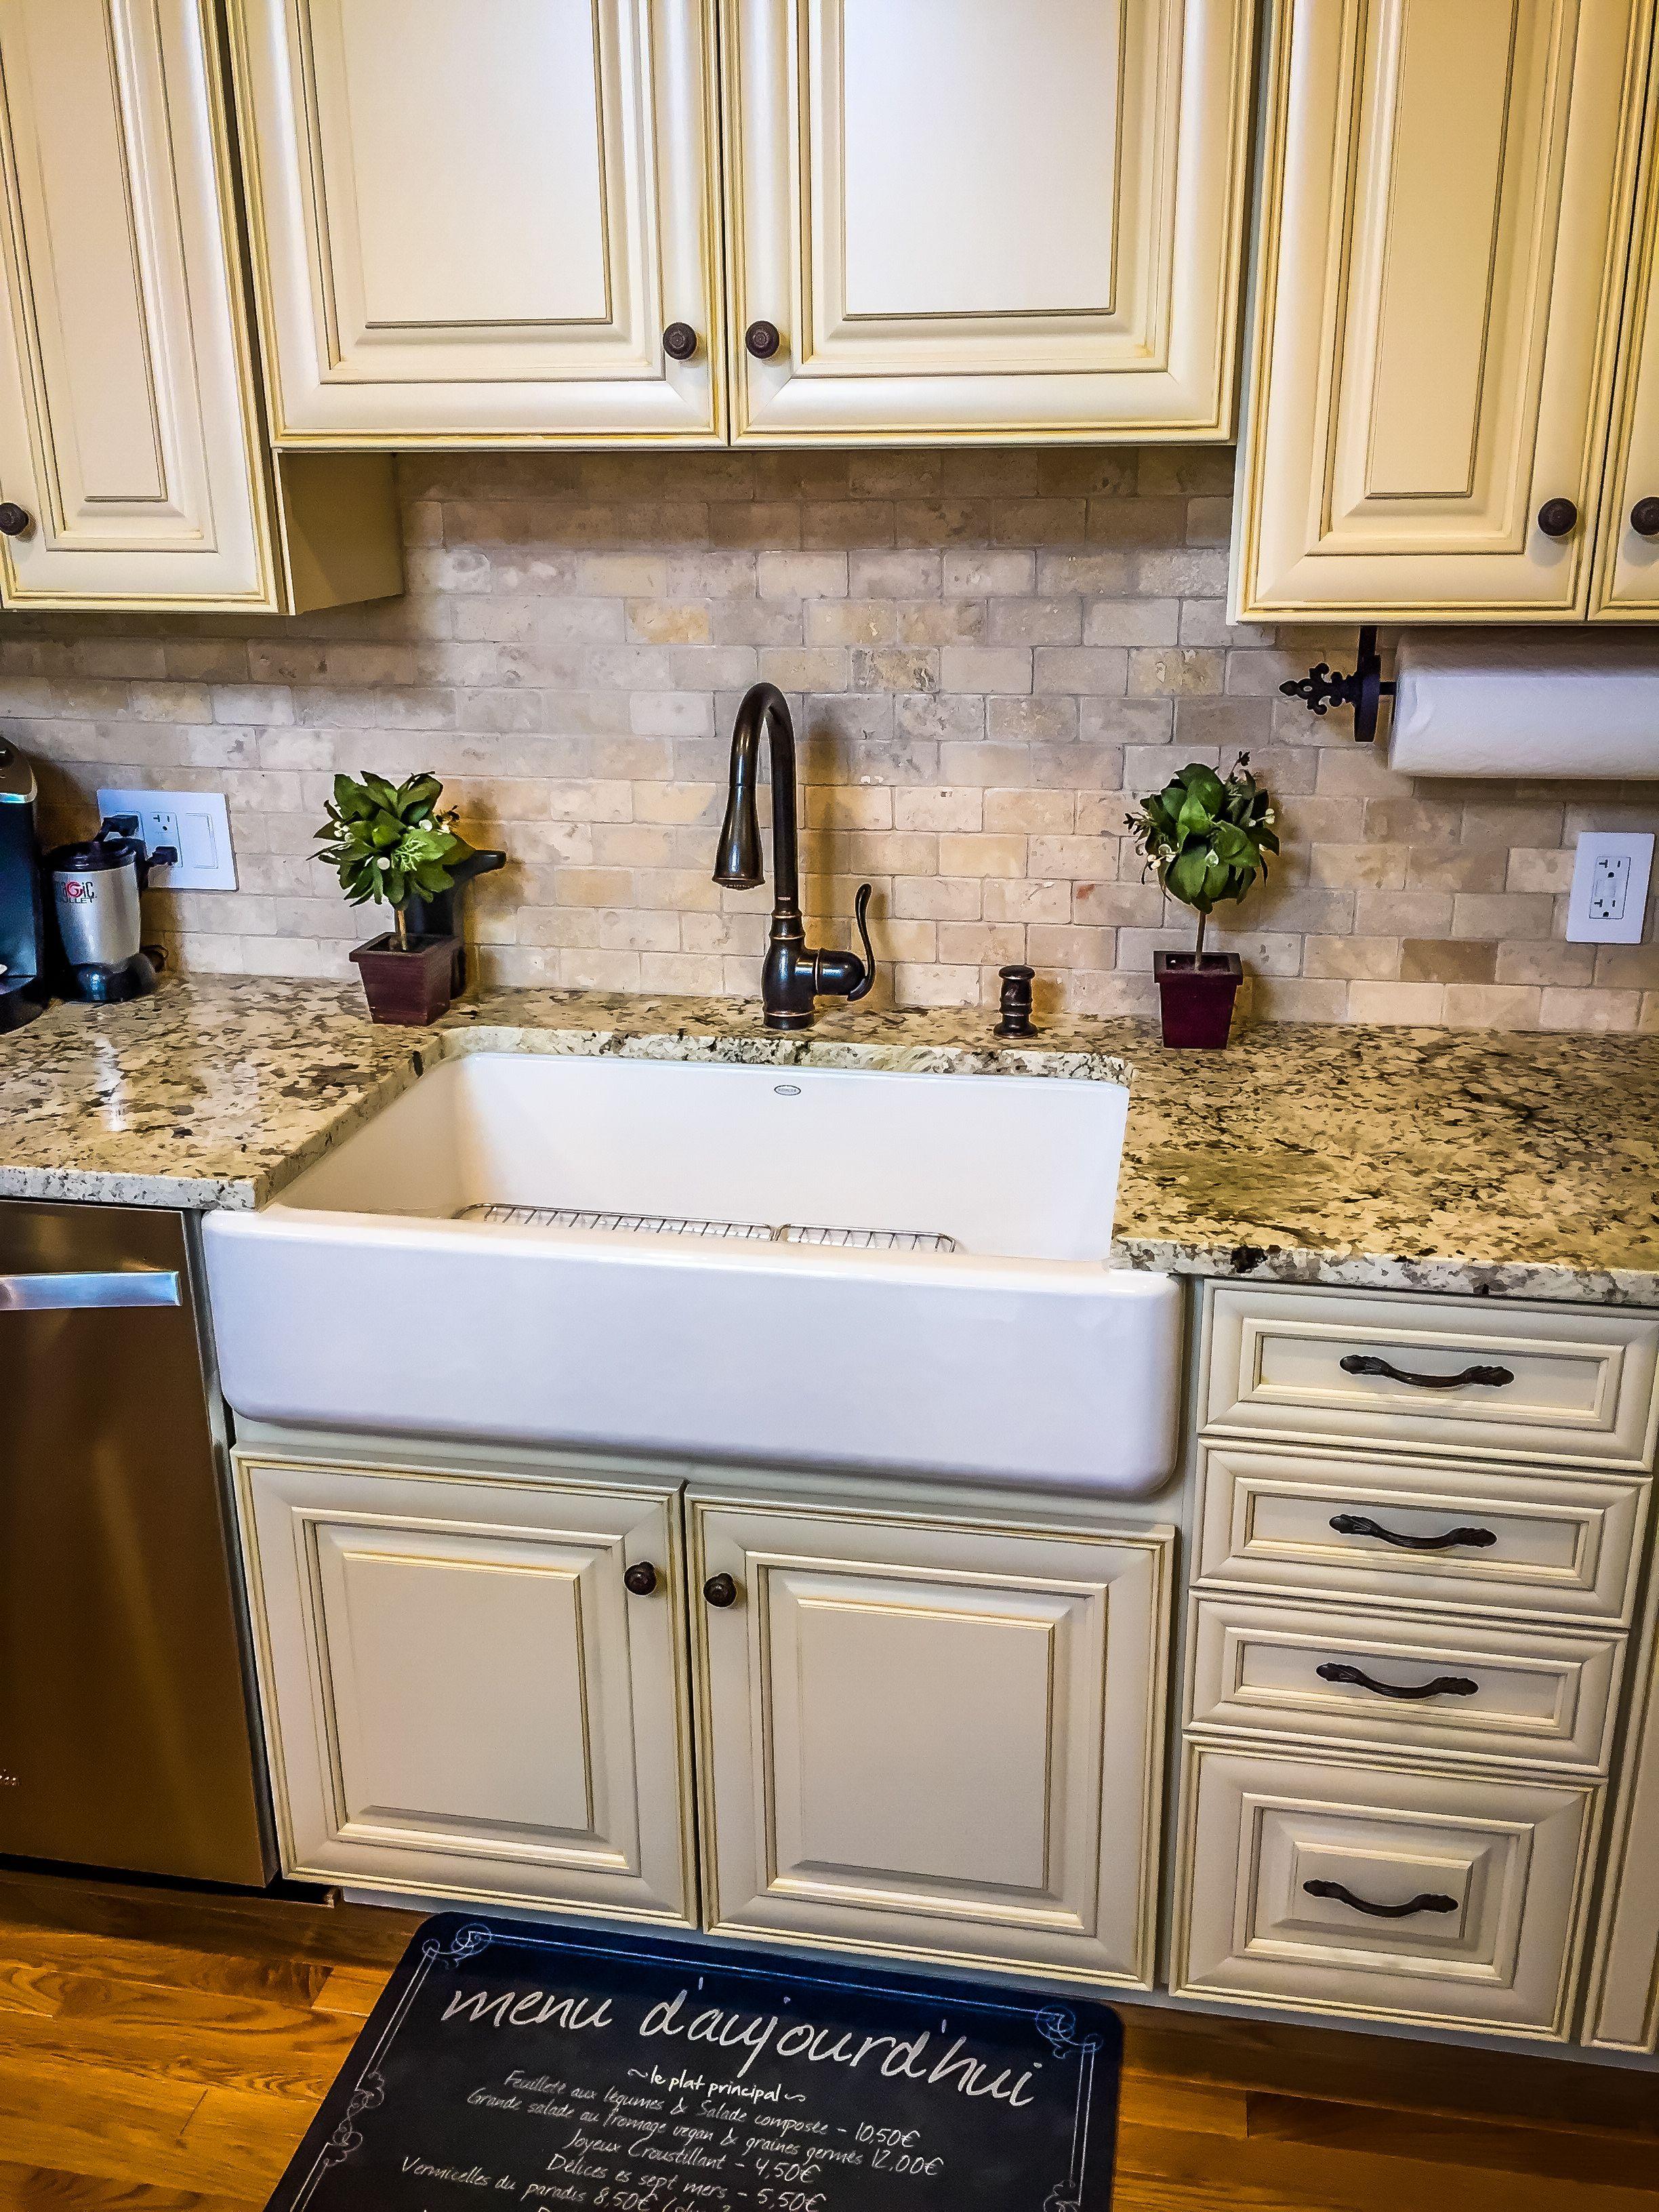 French kitchen farmhouse sink cream cabinets mini chandelier cream granite center island - Kitchen sink in french ...